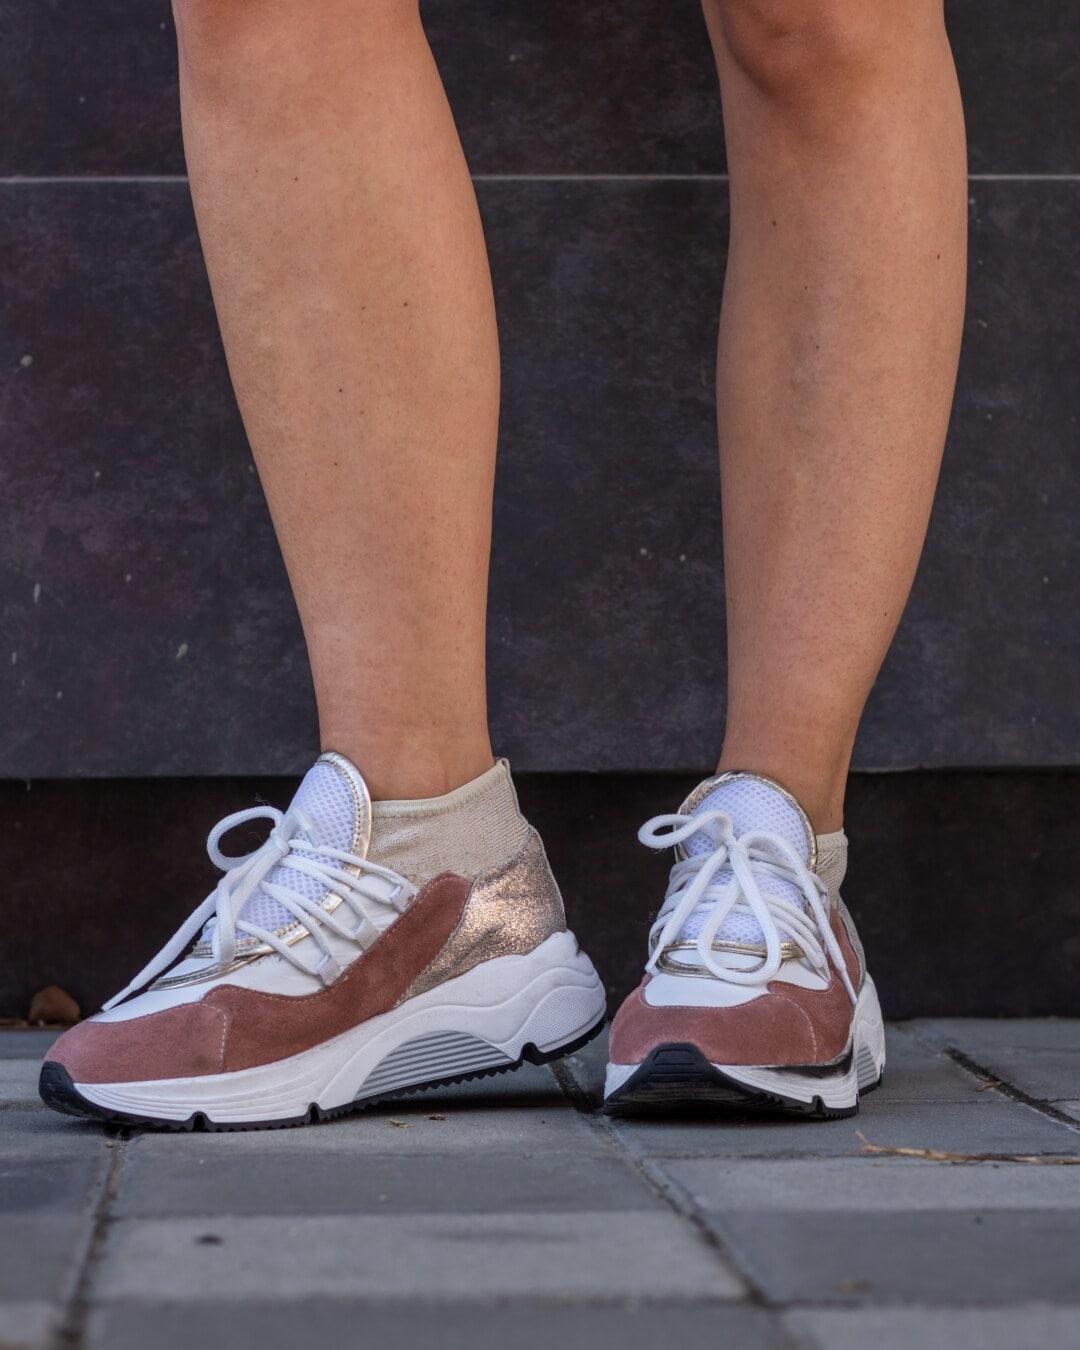 scarpe da ginnastica, fare jogging, a piedi nudi, gambe, giovane donna, piedi, Calzature, moda, copertura, ragazza